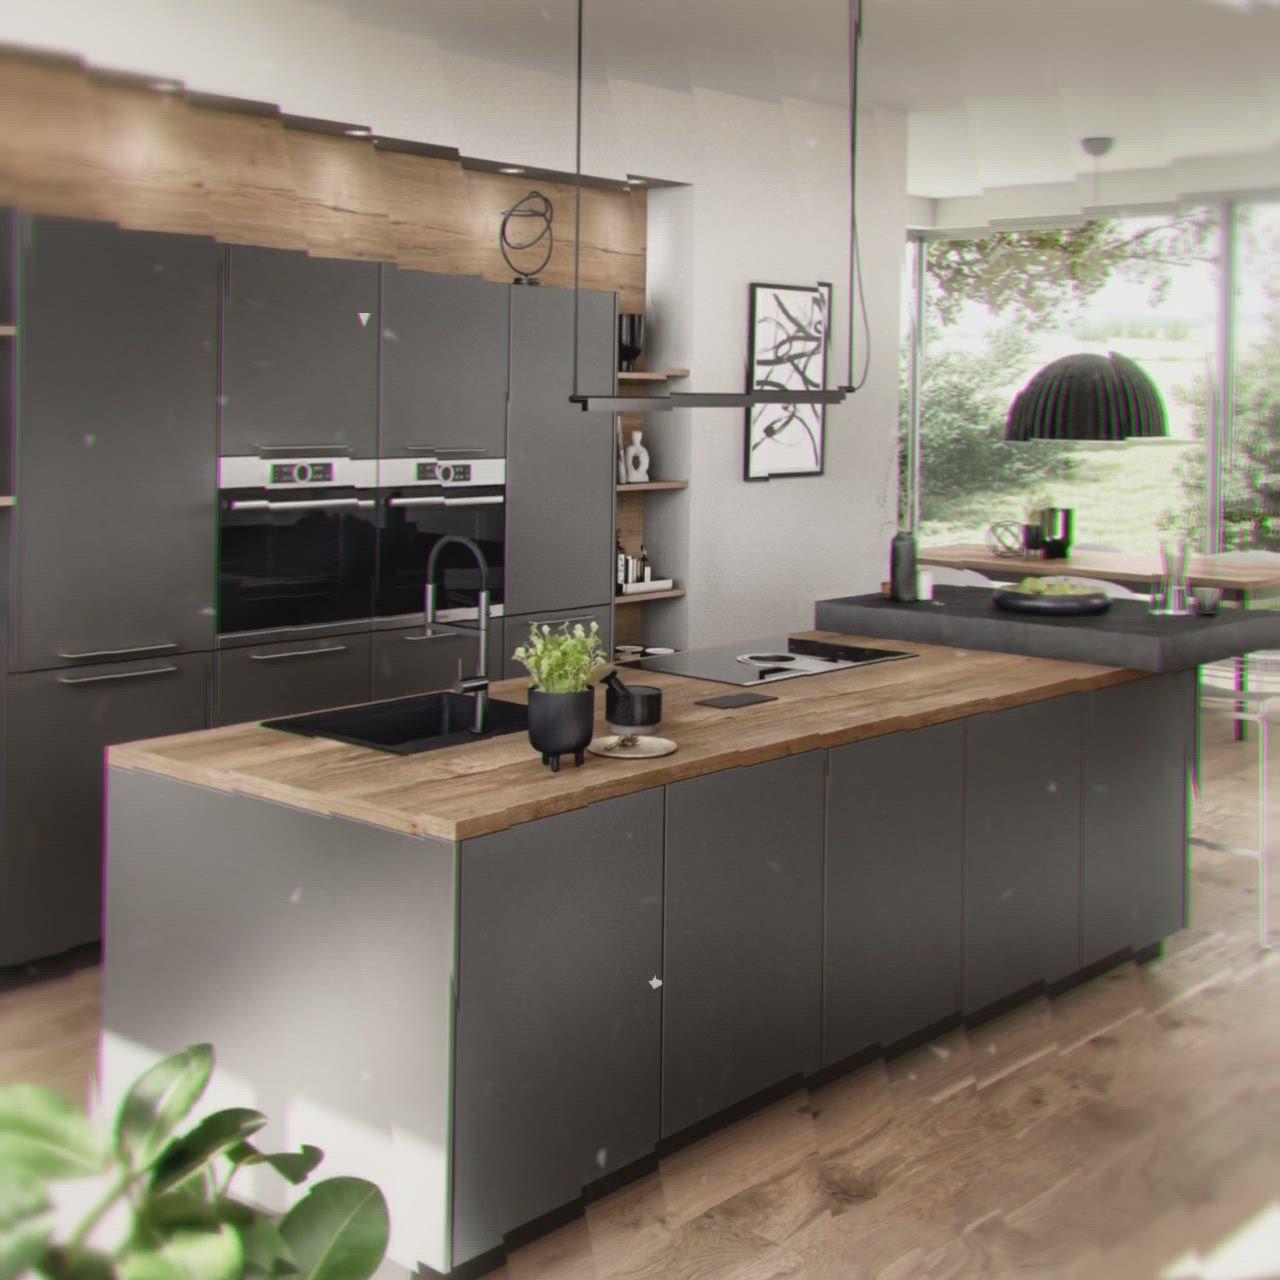 Kitchen Design [Video] in 9   Modern kitchen design, Kitchen furniture  design, Interior design kitchen